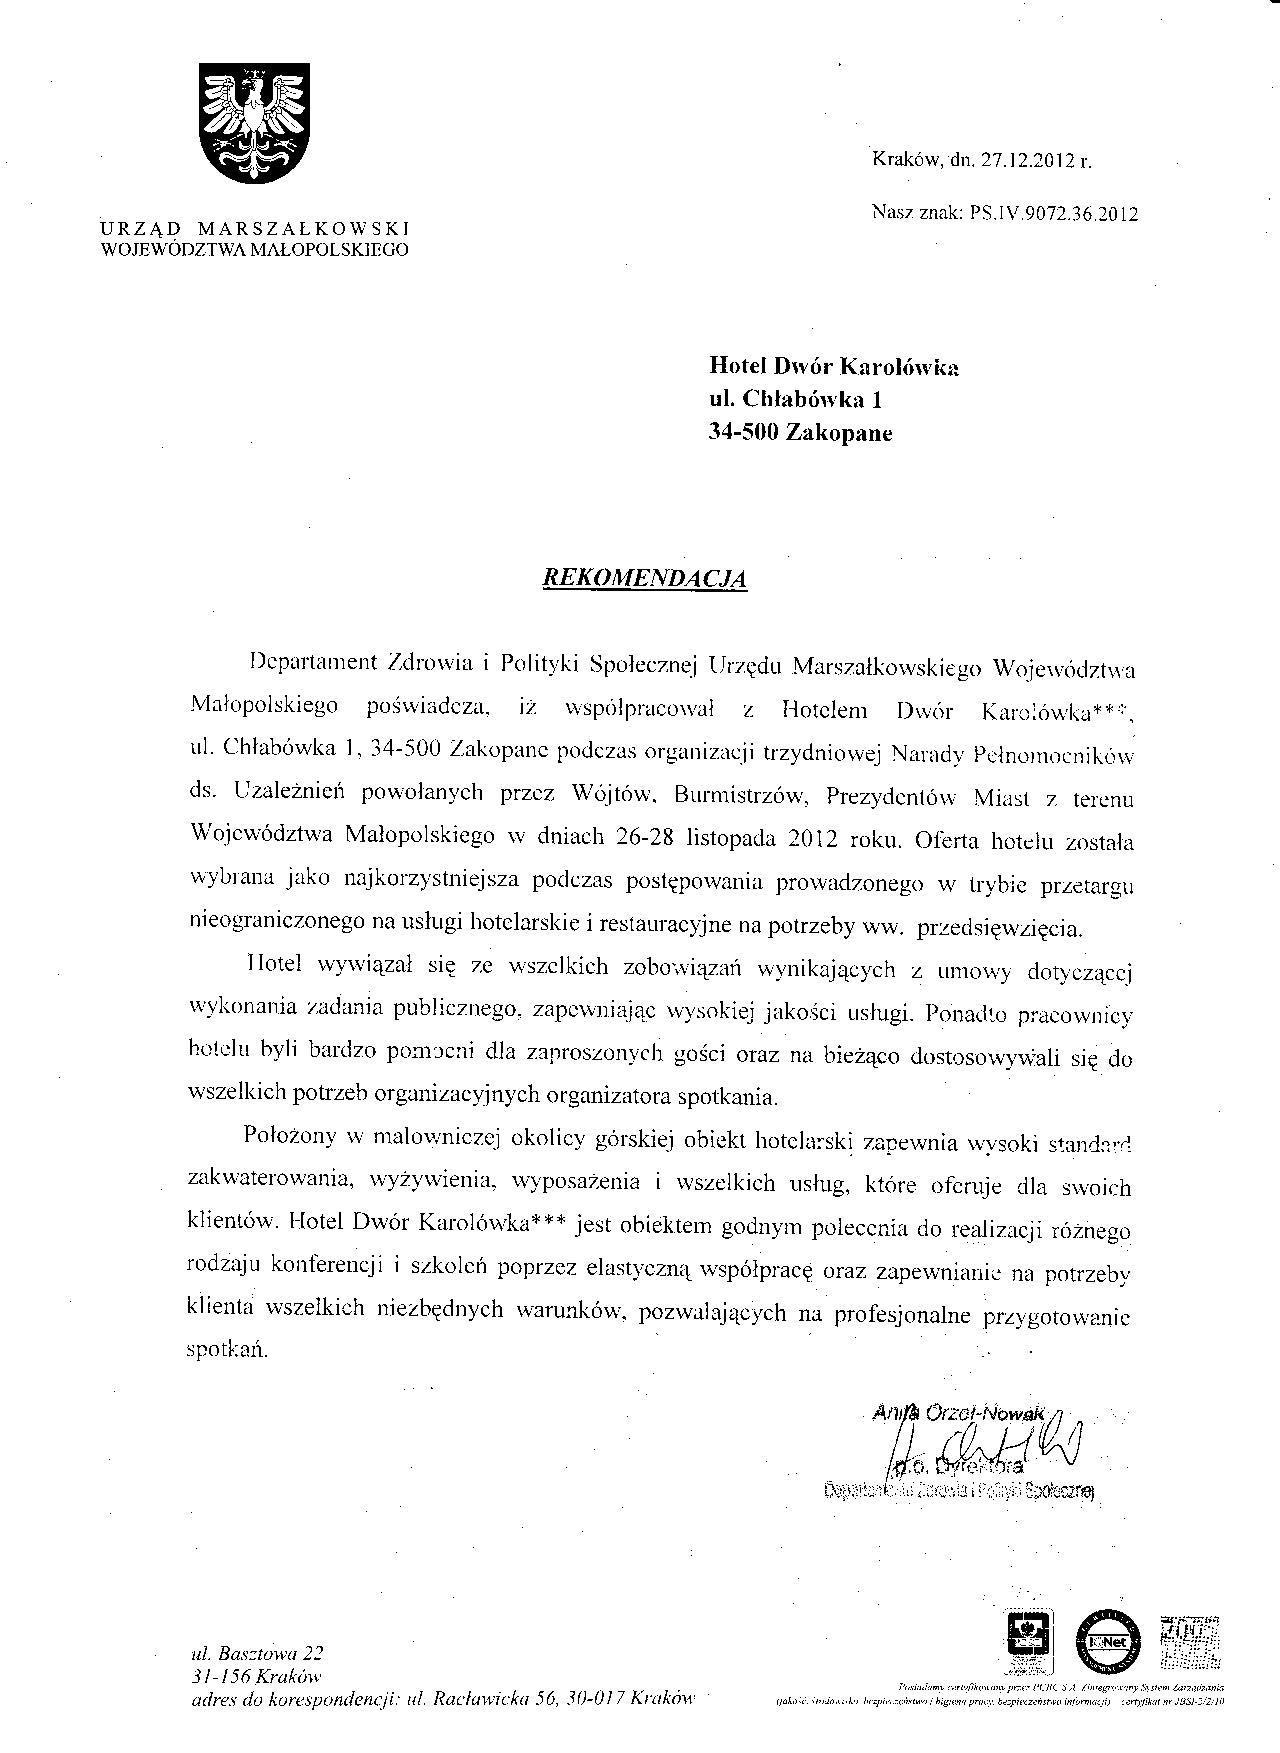 Rekomendacja Urzędu Marszałkowskiego